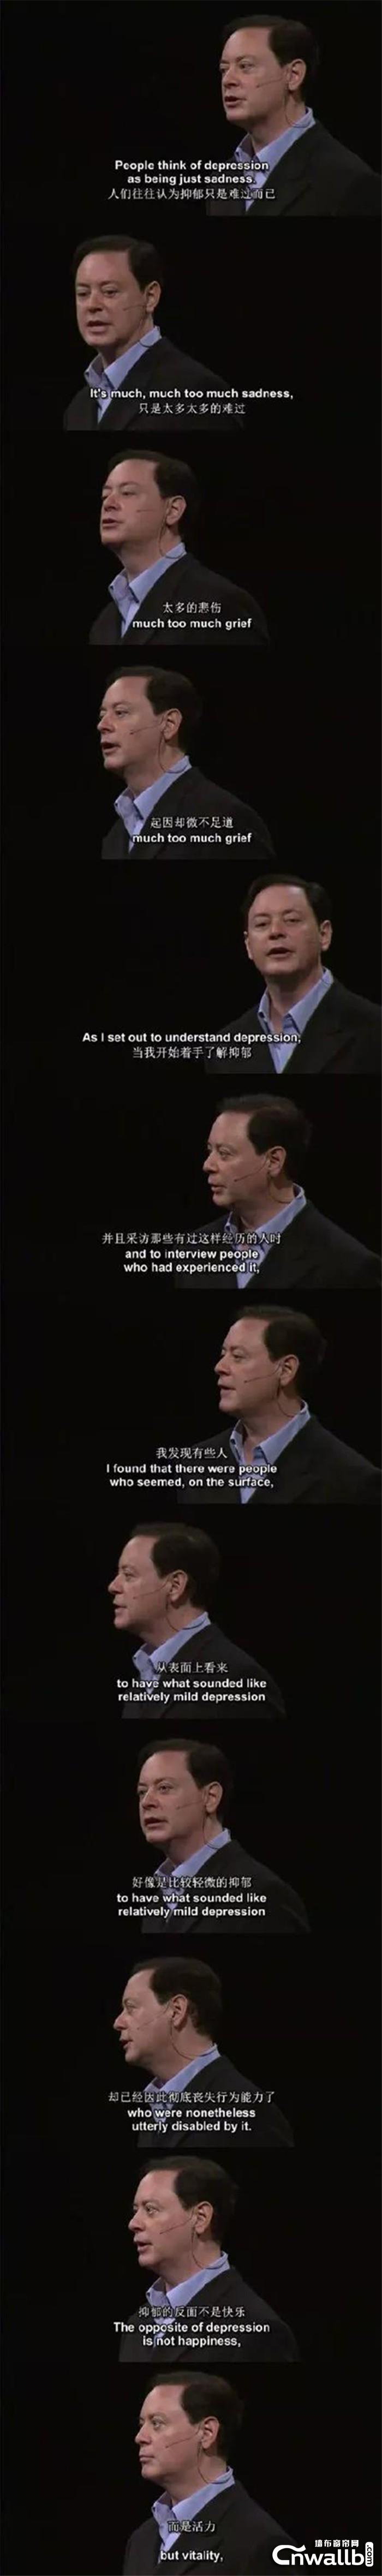 雅诗澜墙布呼吁大家正视抑郁症,给世界多一点爱与关怀!